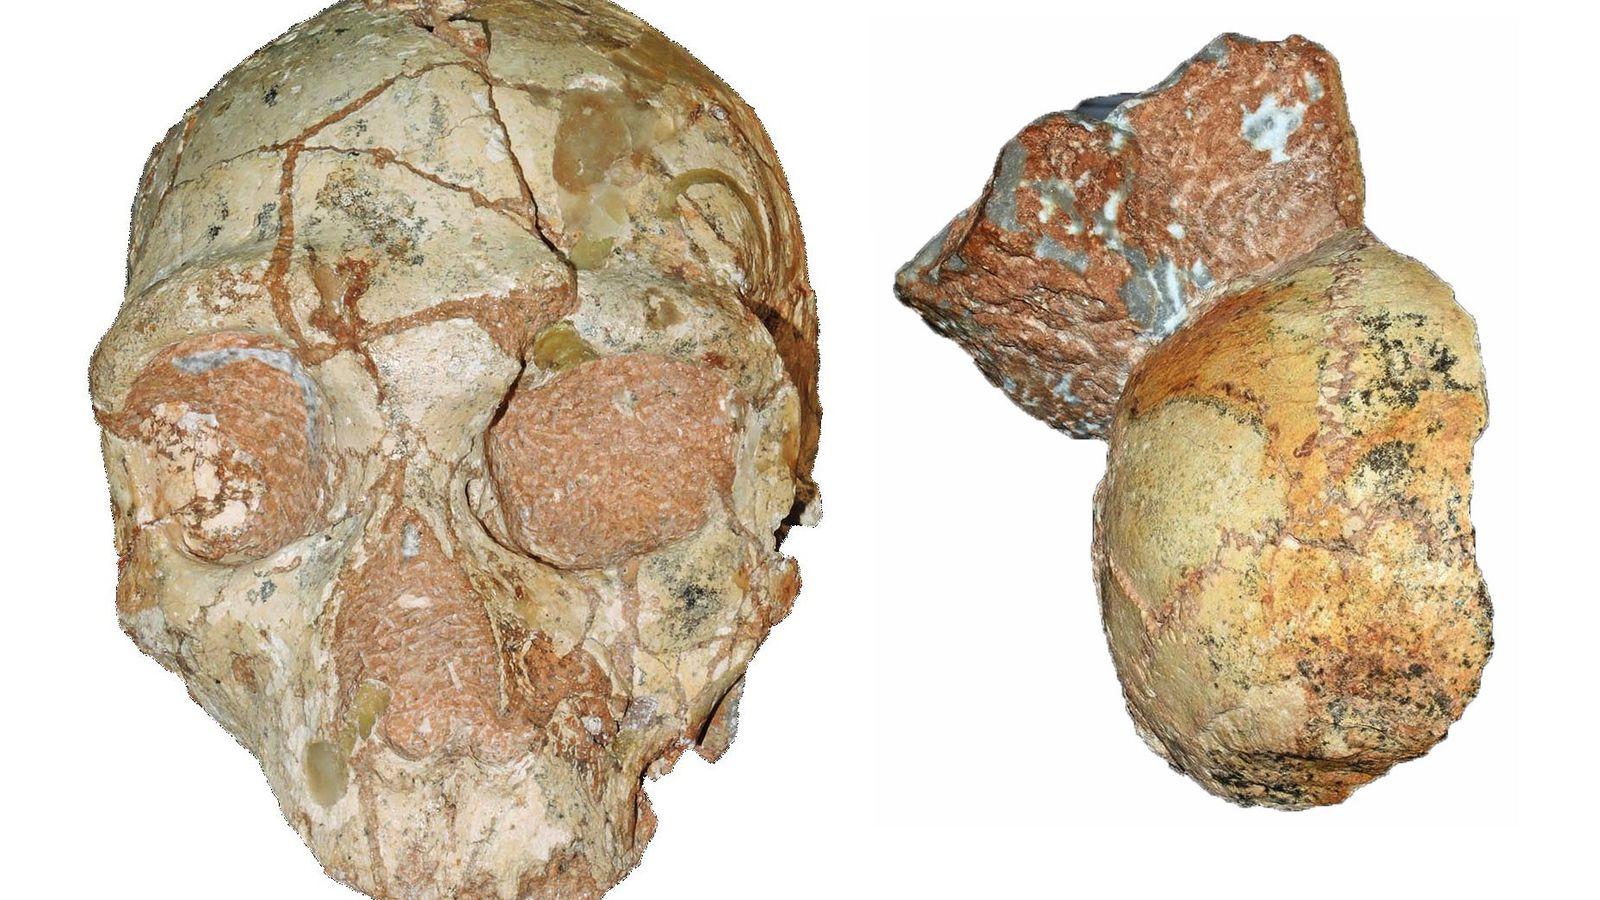 Esses fósseis fragmentados, encontrados a apenas alguns centímetros de distância um do outro, poderiam ser os ...